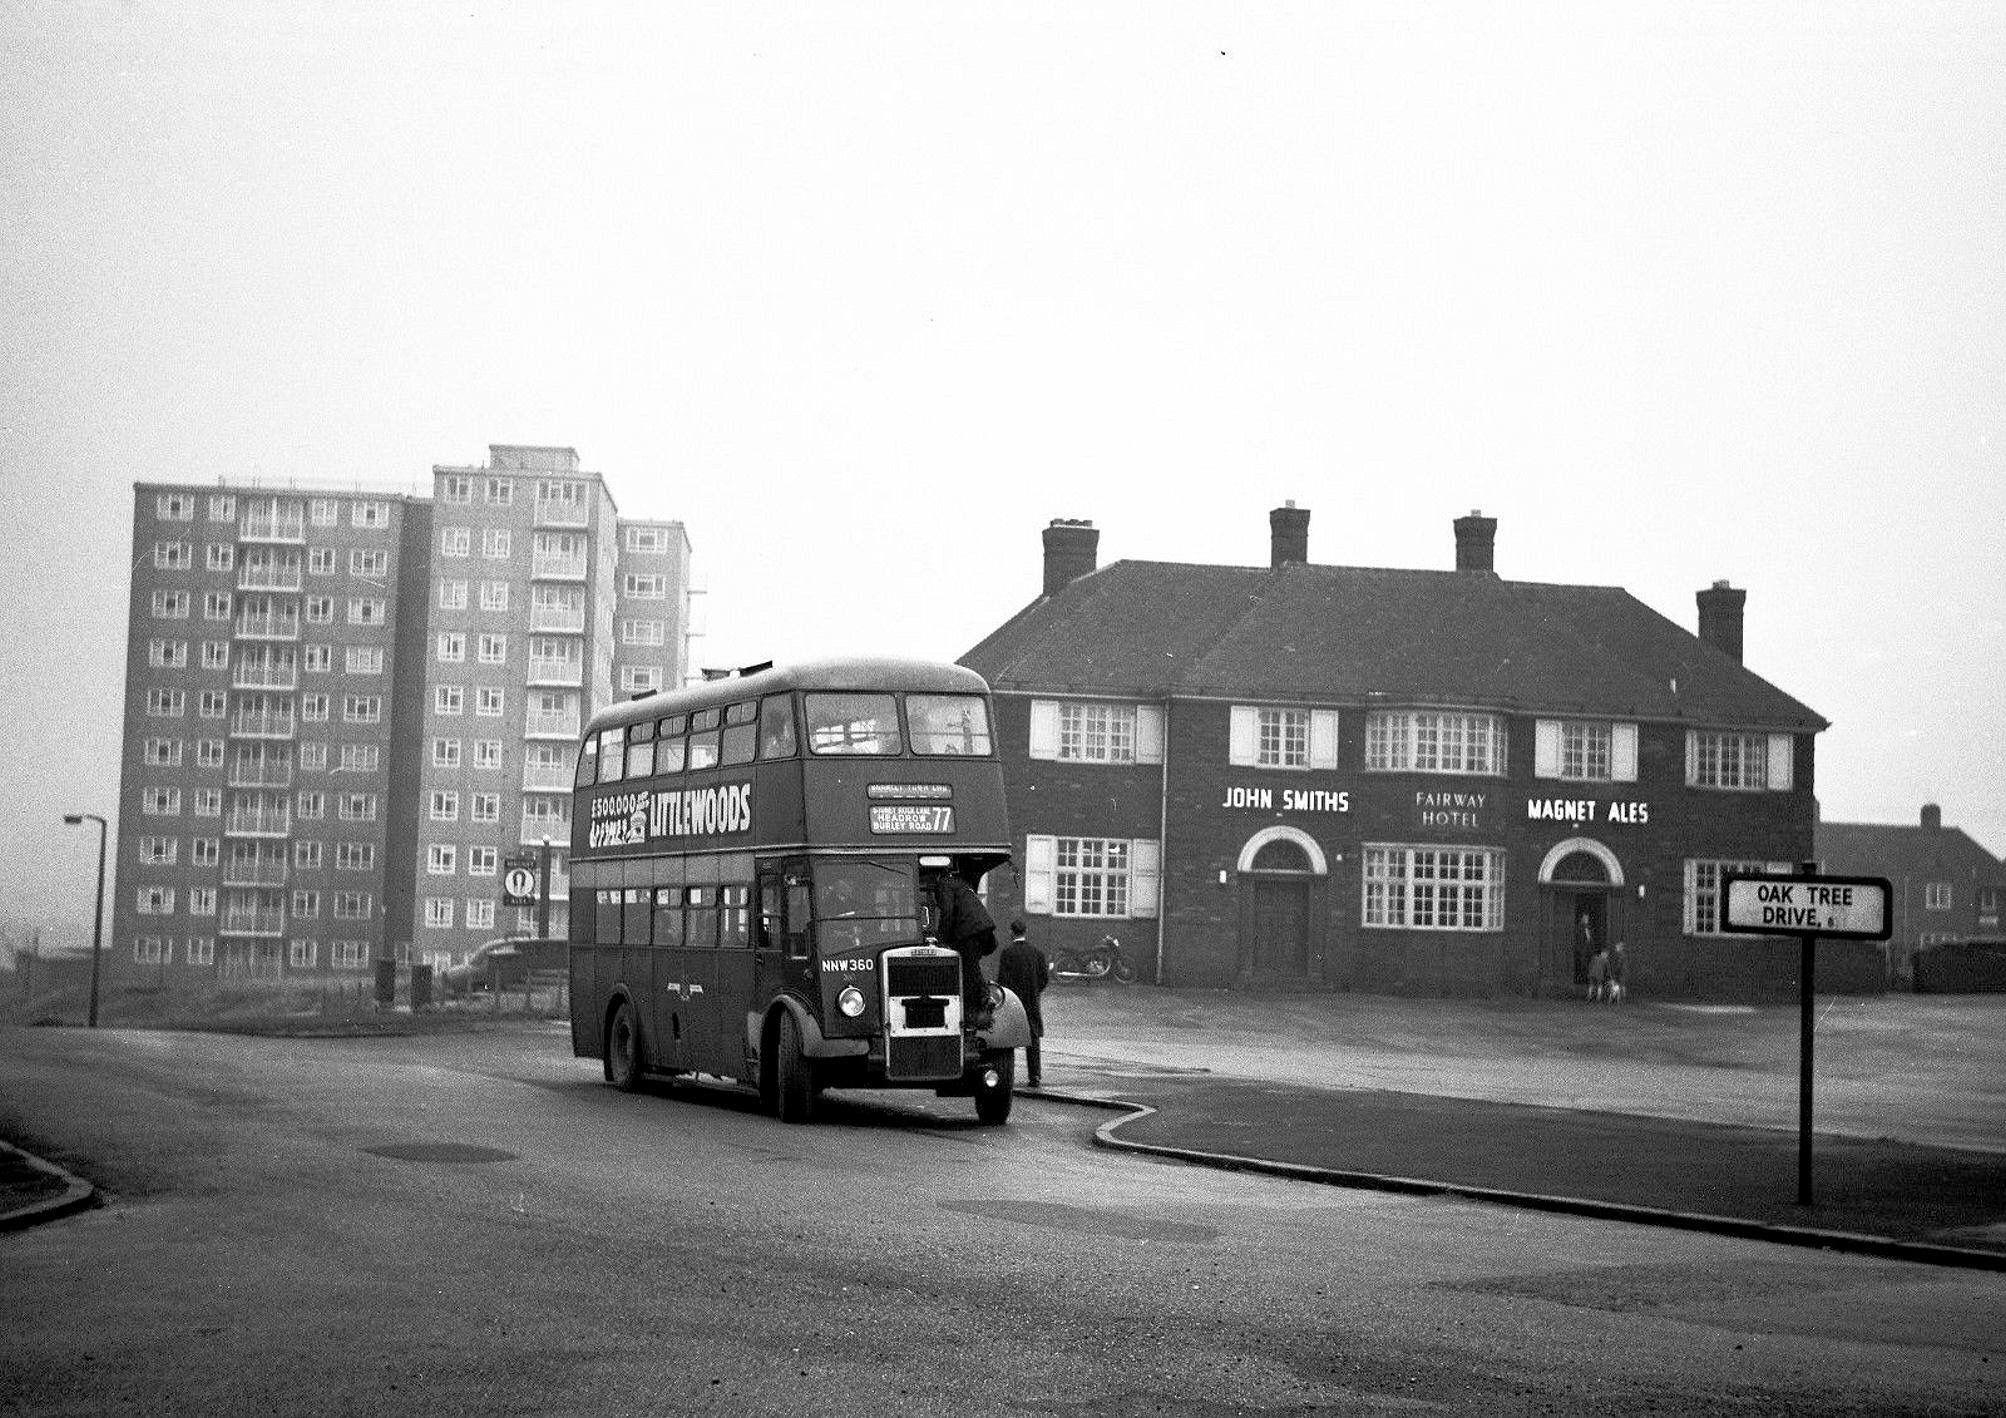 Fairway Hotel Leeds Pubs Leeds City Old Photos